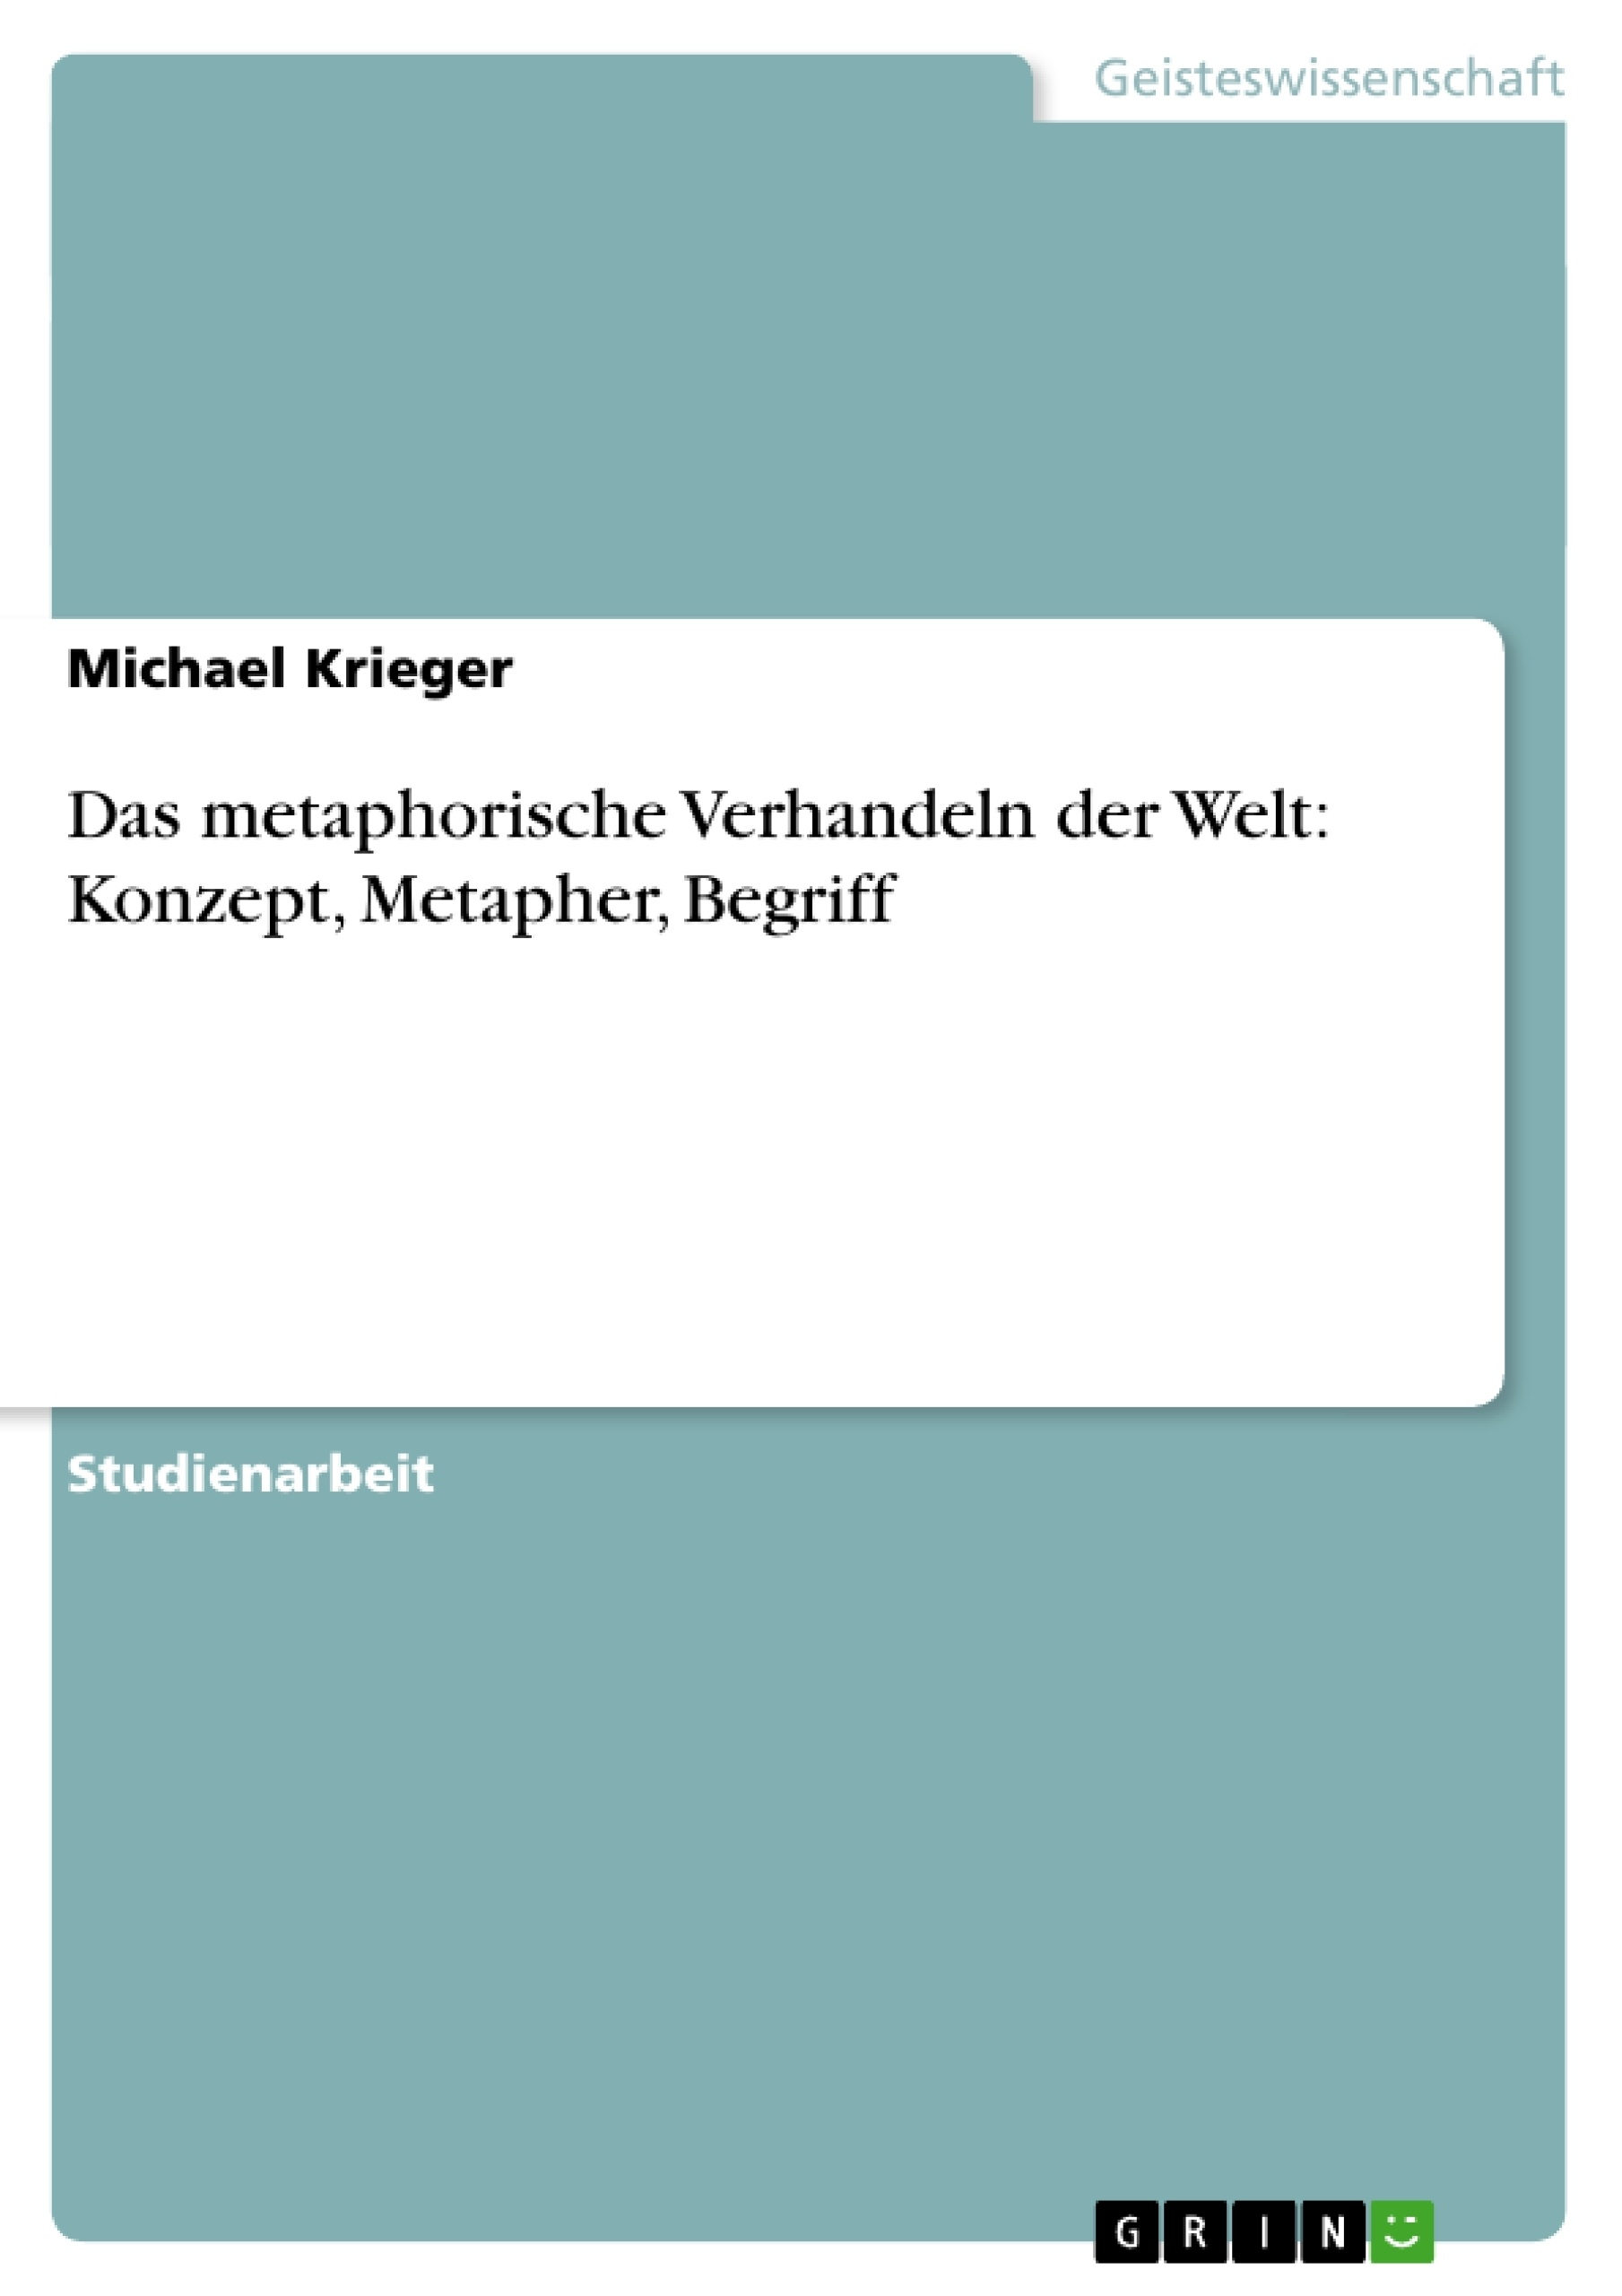 Titel: Das metaphorische Verhandeln der Welt: Konzept, Metapher, Begriff